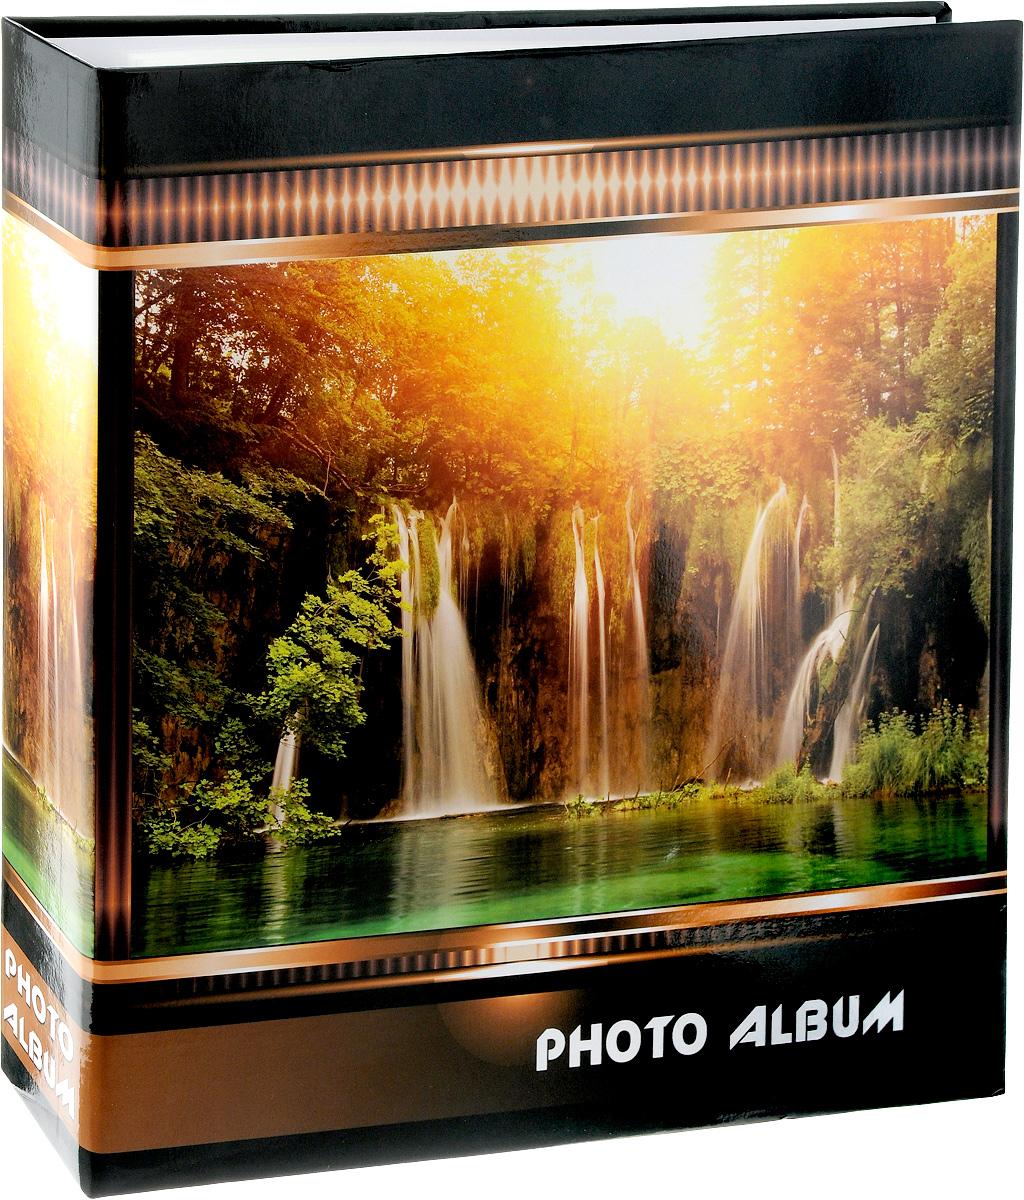 Фотоальбом Pioneer Waterfalls, 500 фотографий, цвет: оранжевый, коричневый, 10 x 15 см47511 AV46500 3-OФотоальбом Pioneer Waterfalls позволит вам запечатлеть незабываемые моменты вашей жизни, сохранить свои истории и воспоминания на его страницах. Обложка из ламинированного картона оформлена принтом в виде водопада. Фотоальбом рассчитан на 500 фотографии форматом 10 x 15 см. Фотографии фиксируется внутри с помощью кармашек. Такой необычный фотоальбом позволит легко заполнить страницы вашей истории, и с годами ничего не забудется. На странице размещаются 5 фотографий: 3 горизонтально и 2 вертикально. Количество страниц: 100. Материал обложки: Ламинированный картон. Переплет: на кольцах. Материалы, использованные в изготовлении альбома, обеспечивают высокое качество хранения ваших фотографий, поэтому фотографии не желтеют со временем.Материалы, использованные в изготовлении альбома, обеспечивают высокое качество хранения ваших фотографий, поэтому фотографии не желтеют со временем.